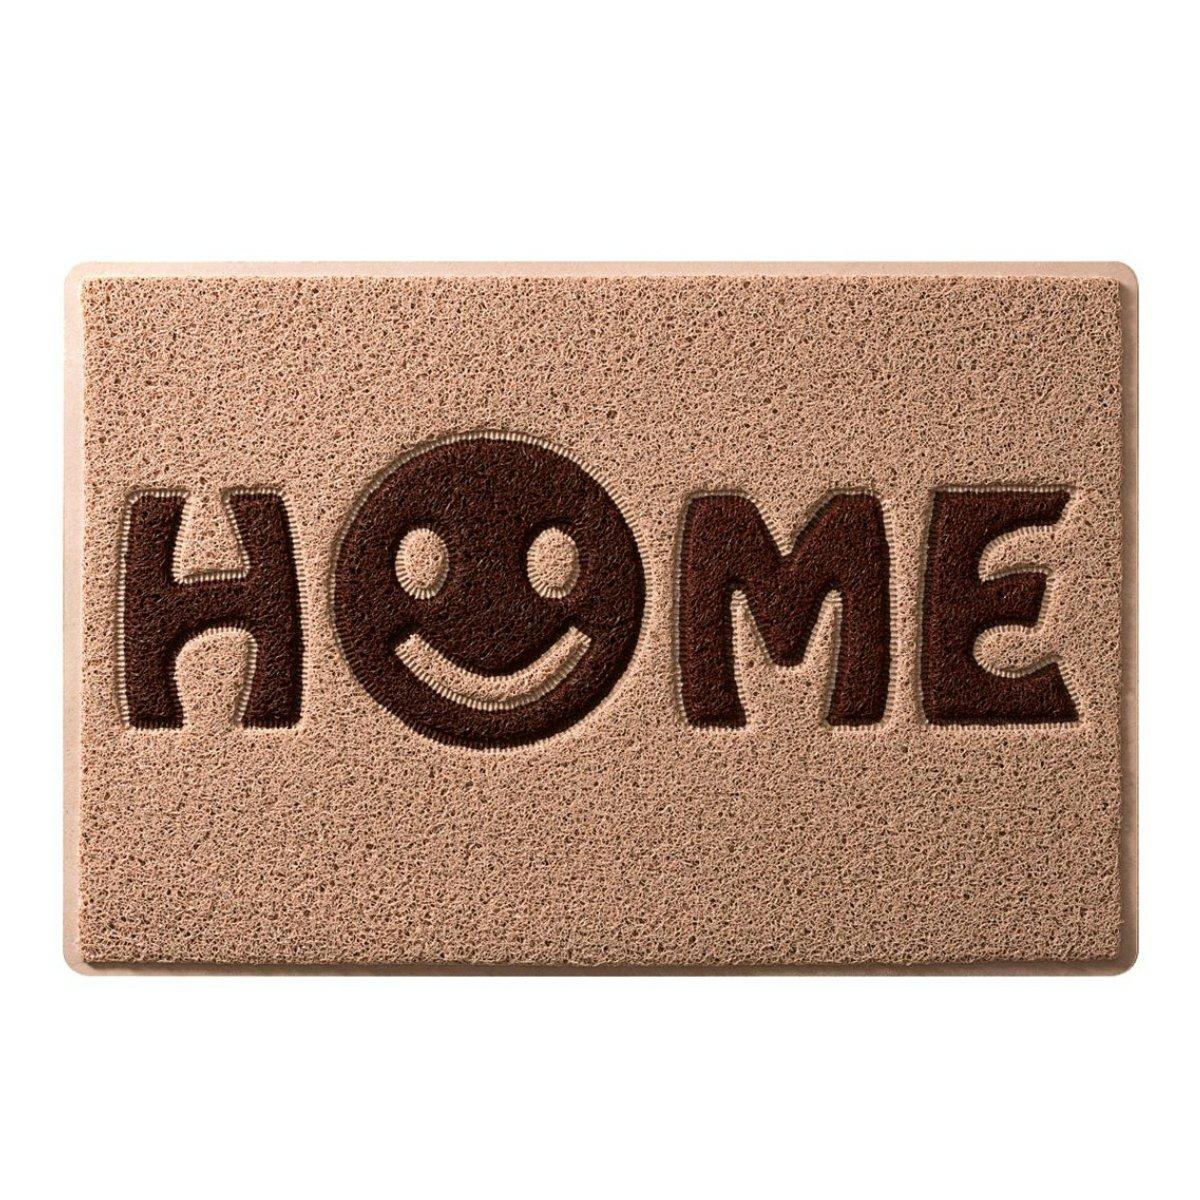 """Relaxdays 10016797  Paillasson en fibres de coco Tapis d/'entr/ée 40 x 60 cm Natte de plancher /""""HOME SWEET HOME avec dessous PVC antid/érapant caoutchouc tapis de sol essuie-pieds accueil marron"""